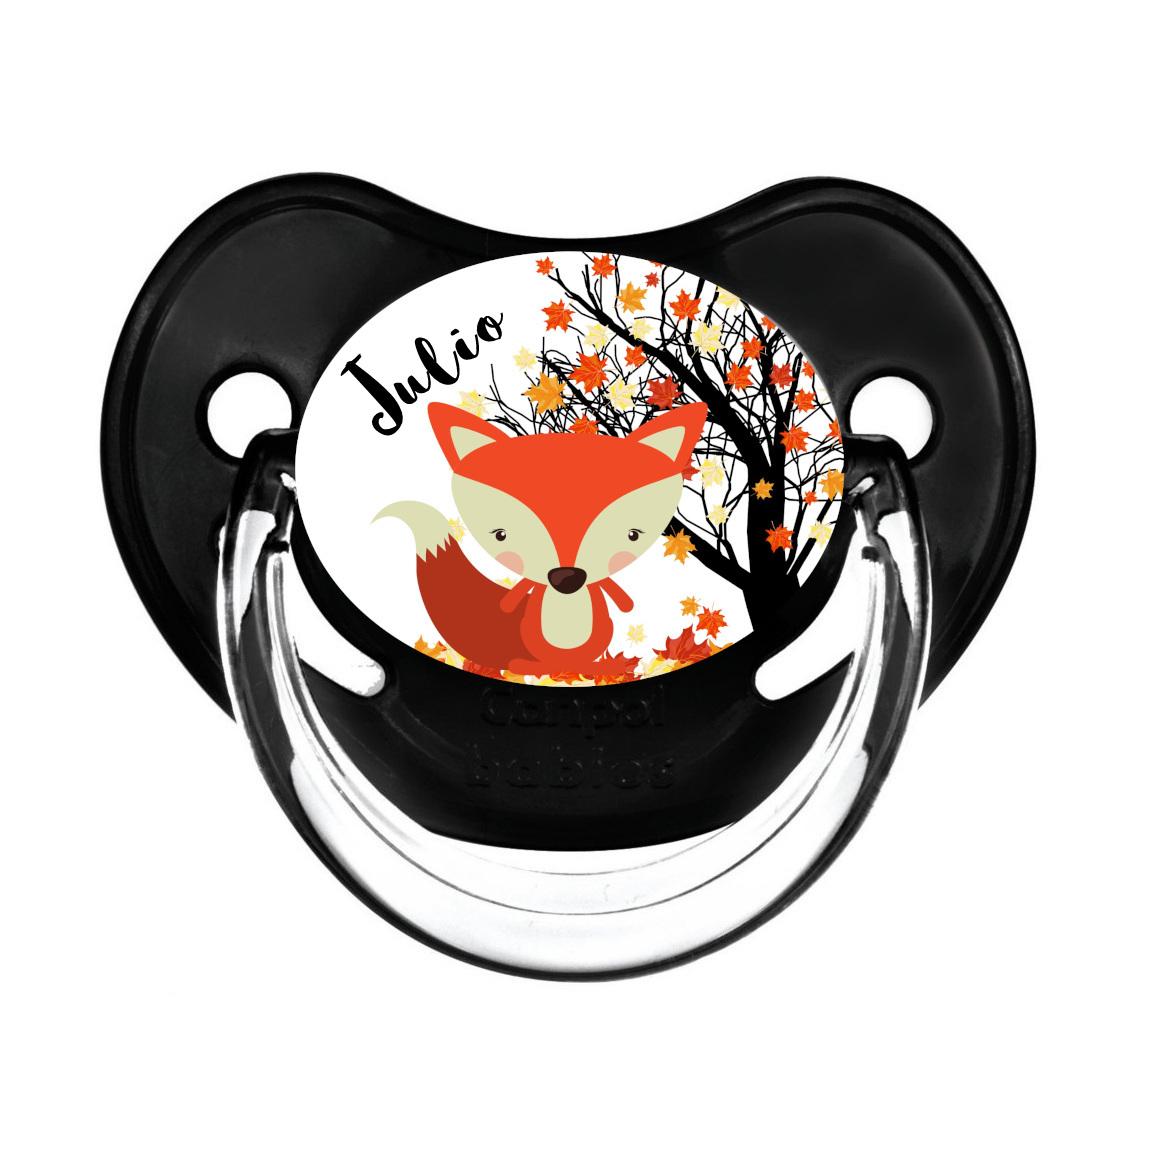 De la forêt : hérisson, renard, ours